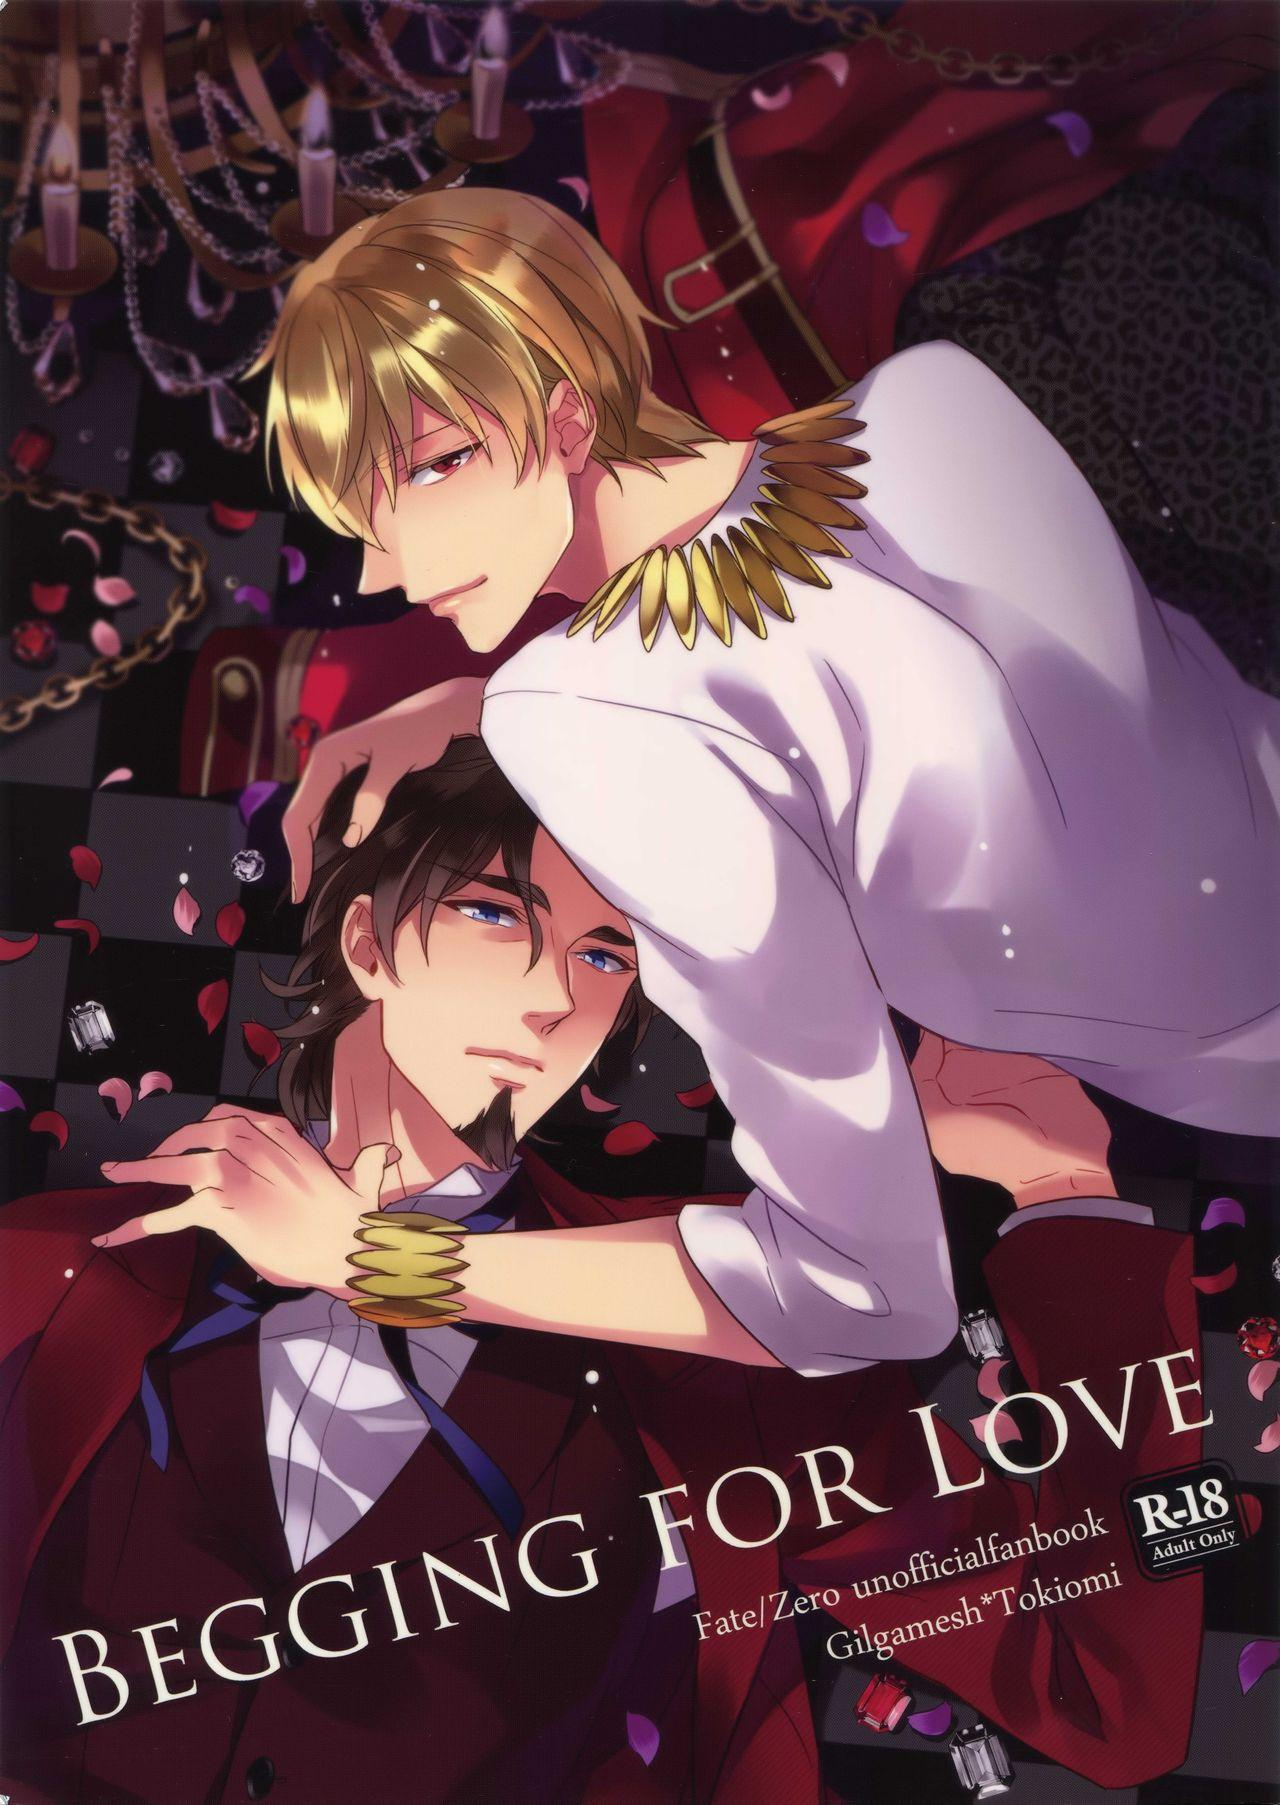 BEGGING FOR LOVE 0